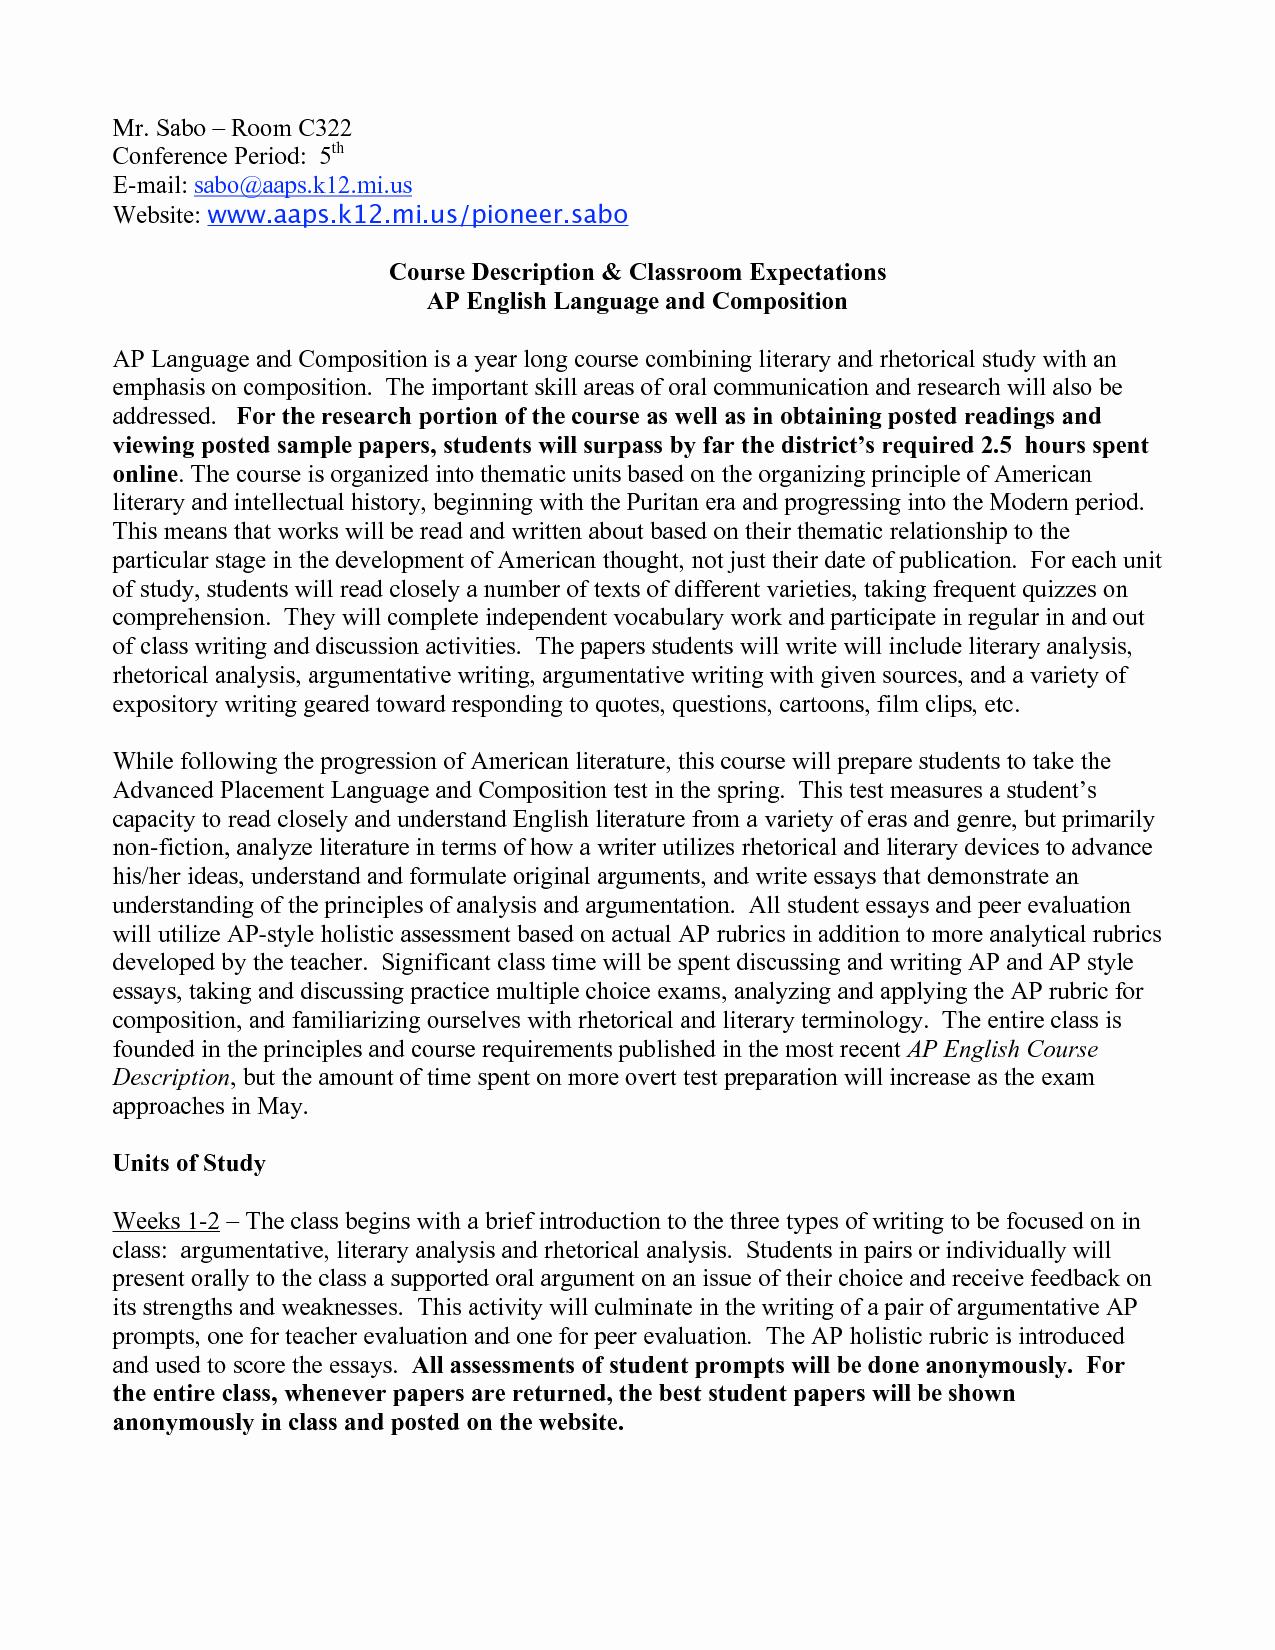 Argumentative Essay Sample Pdf Fresh 54 Argumentative Essay Introduction Sample Argumentative